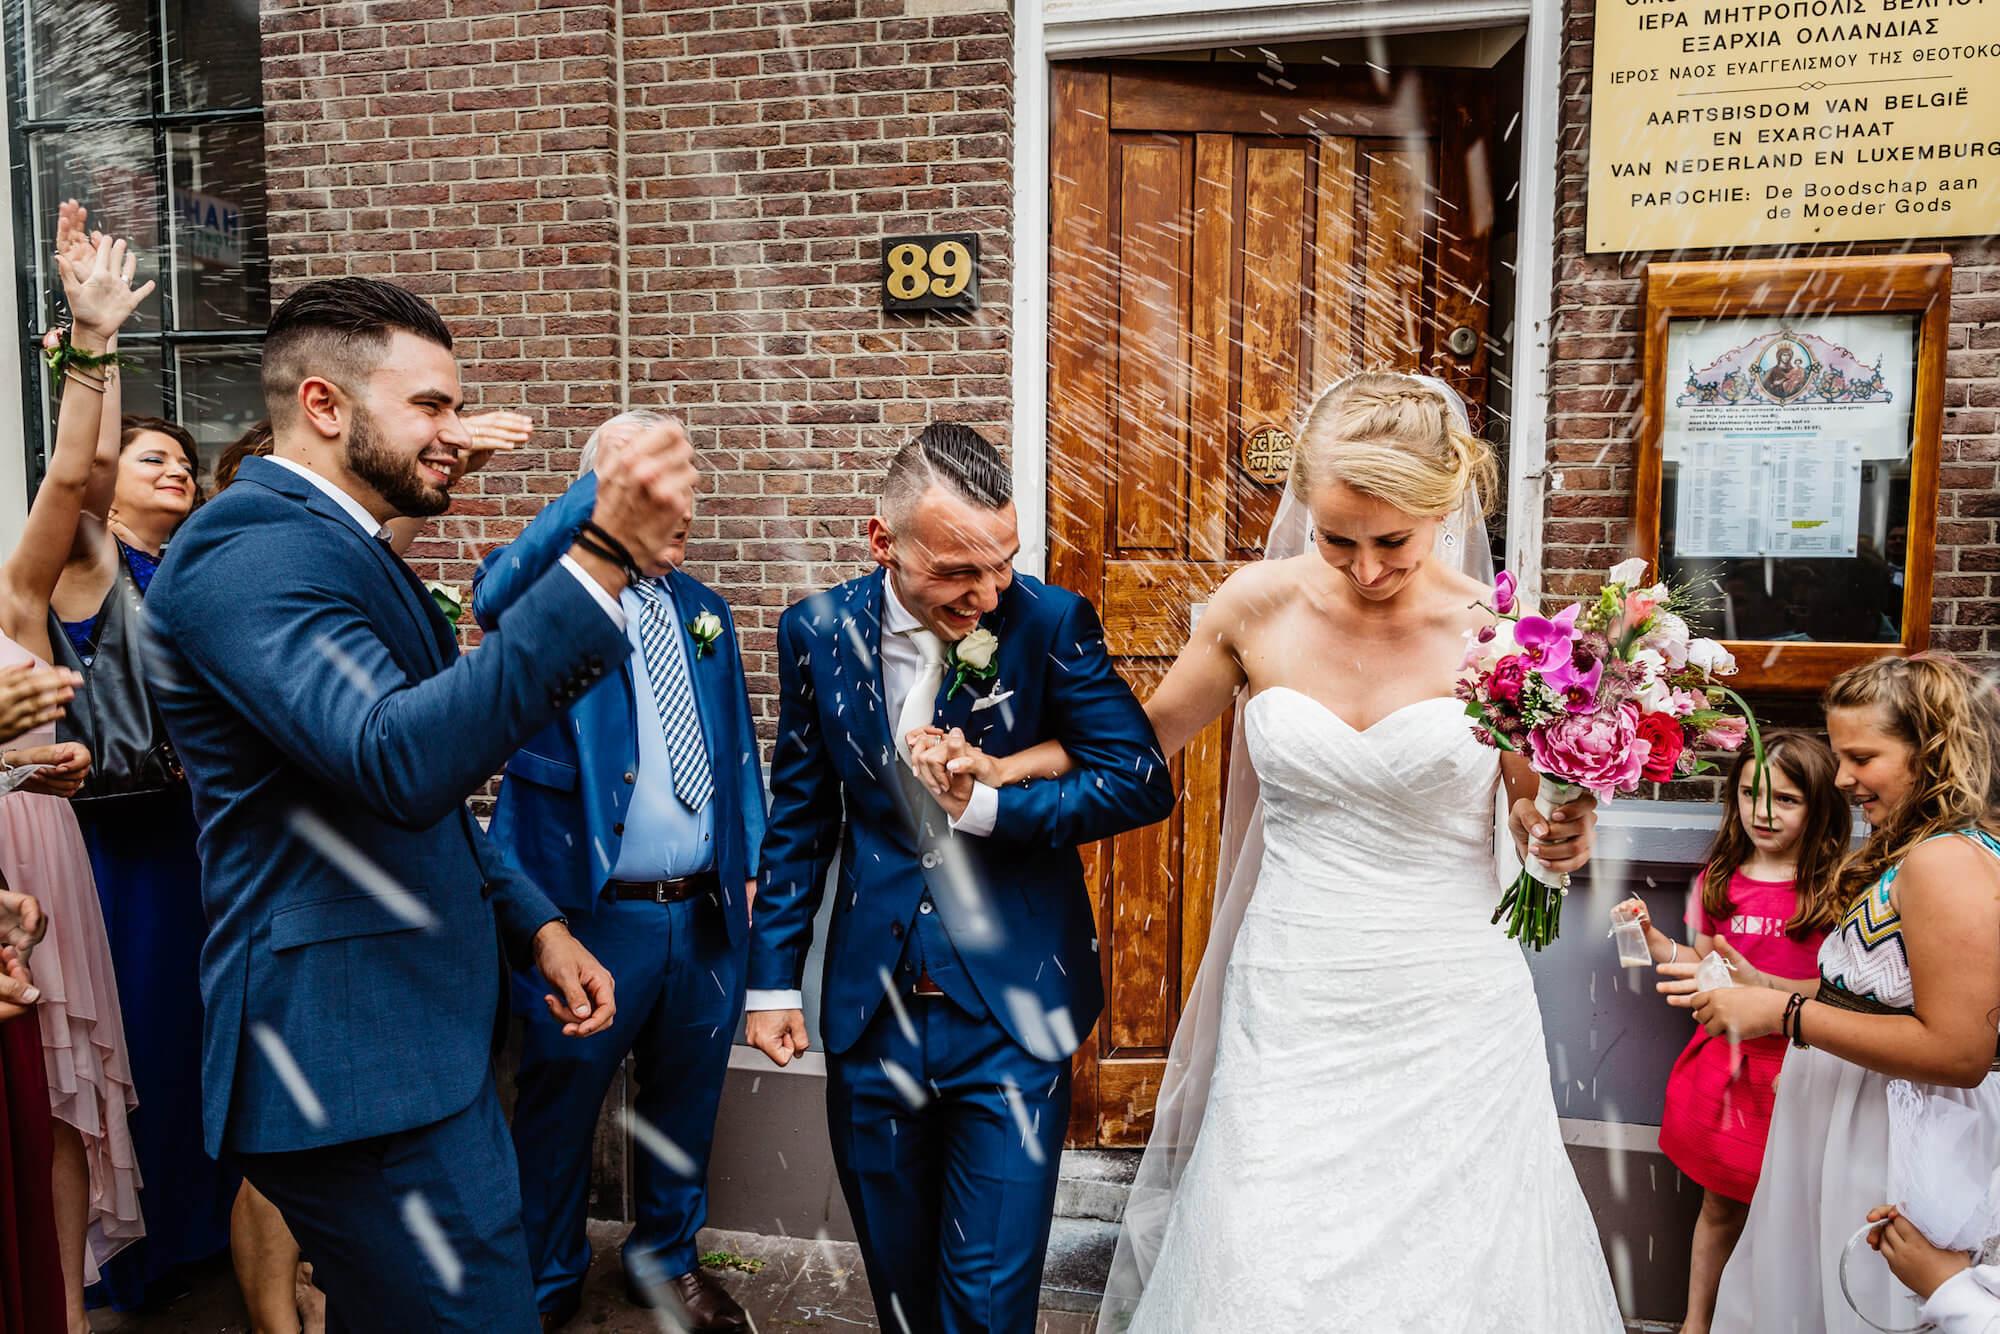 griekse-bruiloft-trouwfotograaf-utrecht-31.jpg